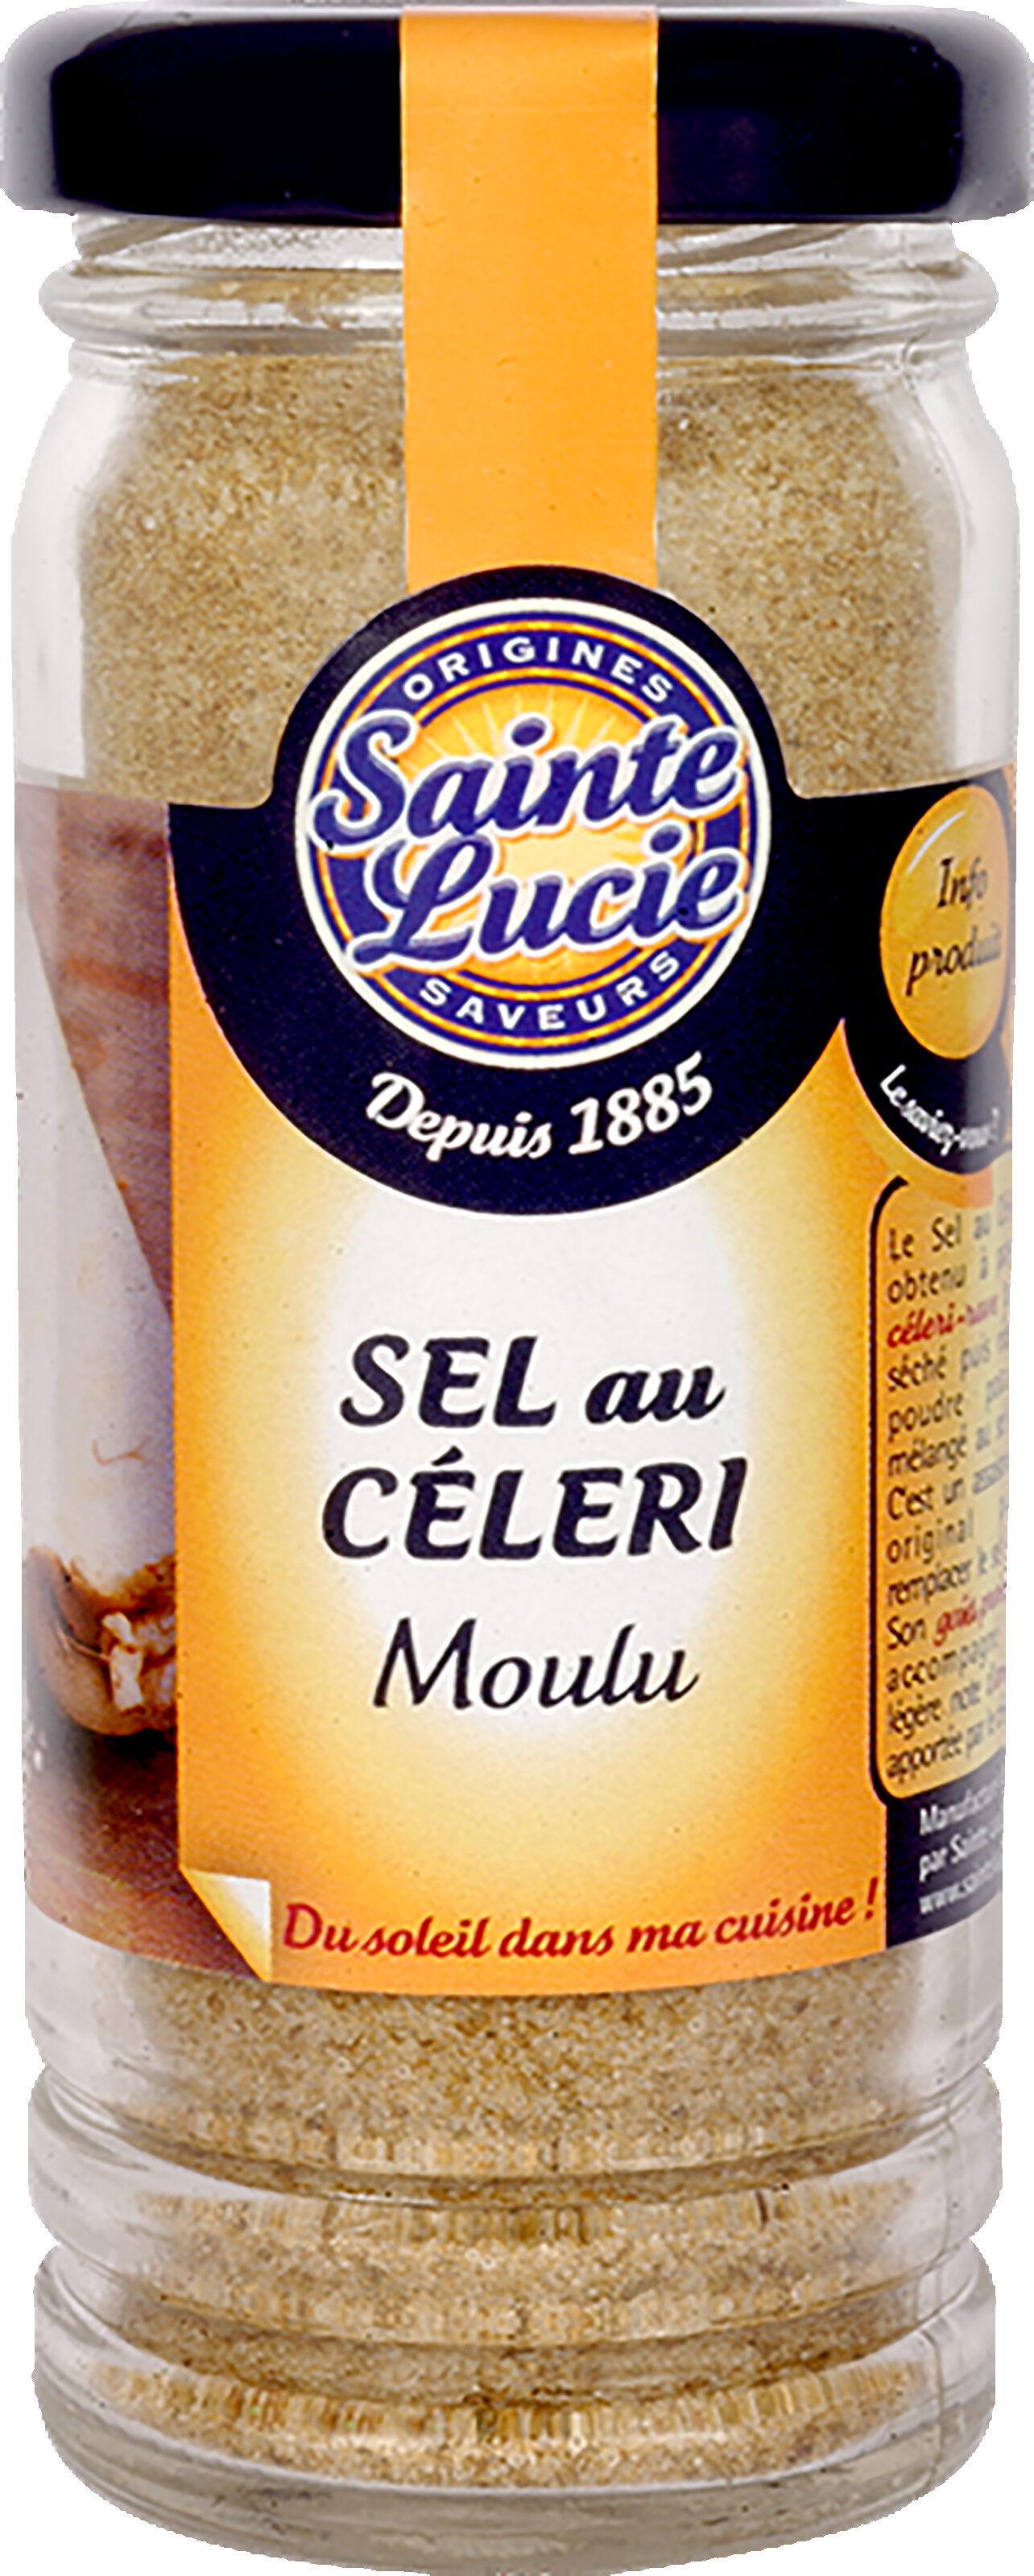 Sel au céleri moulu - Product - fr